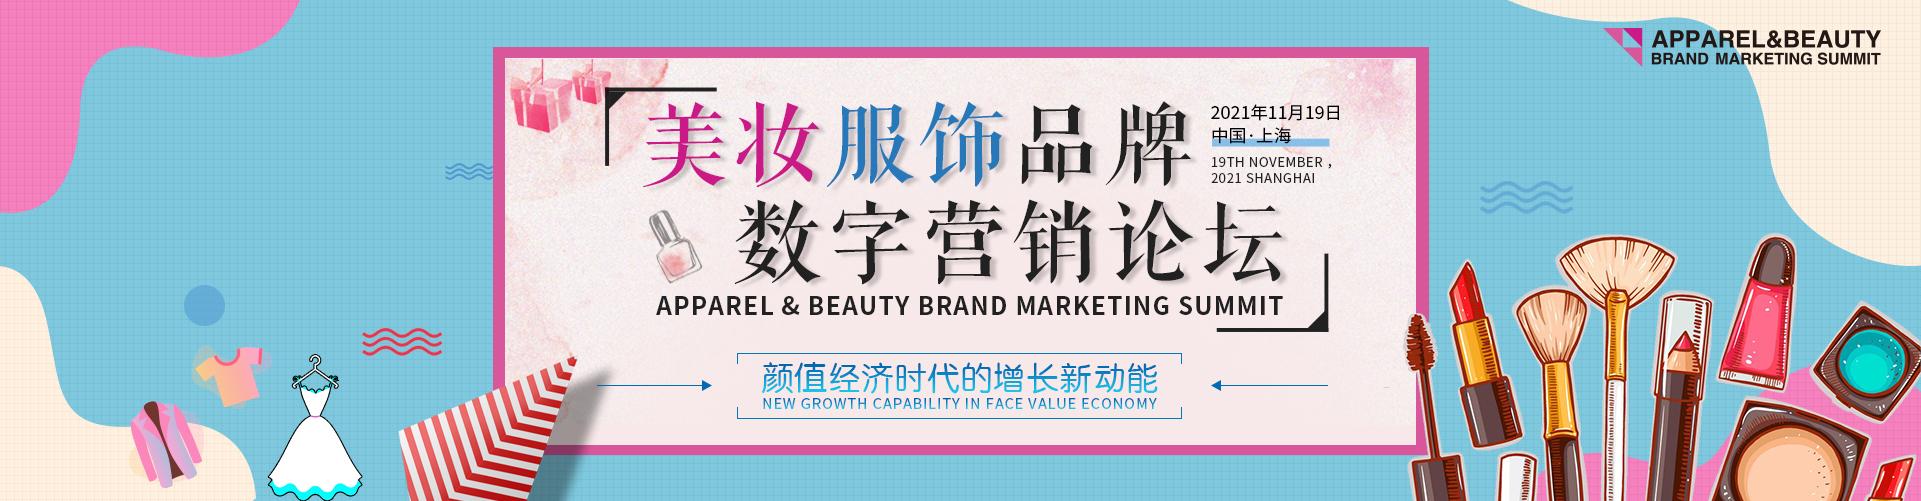 第二屆服飾美妝品牌營銷論壇